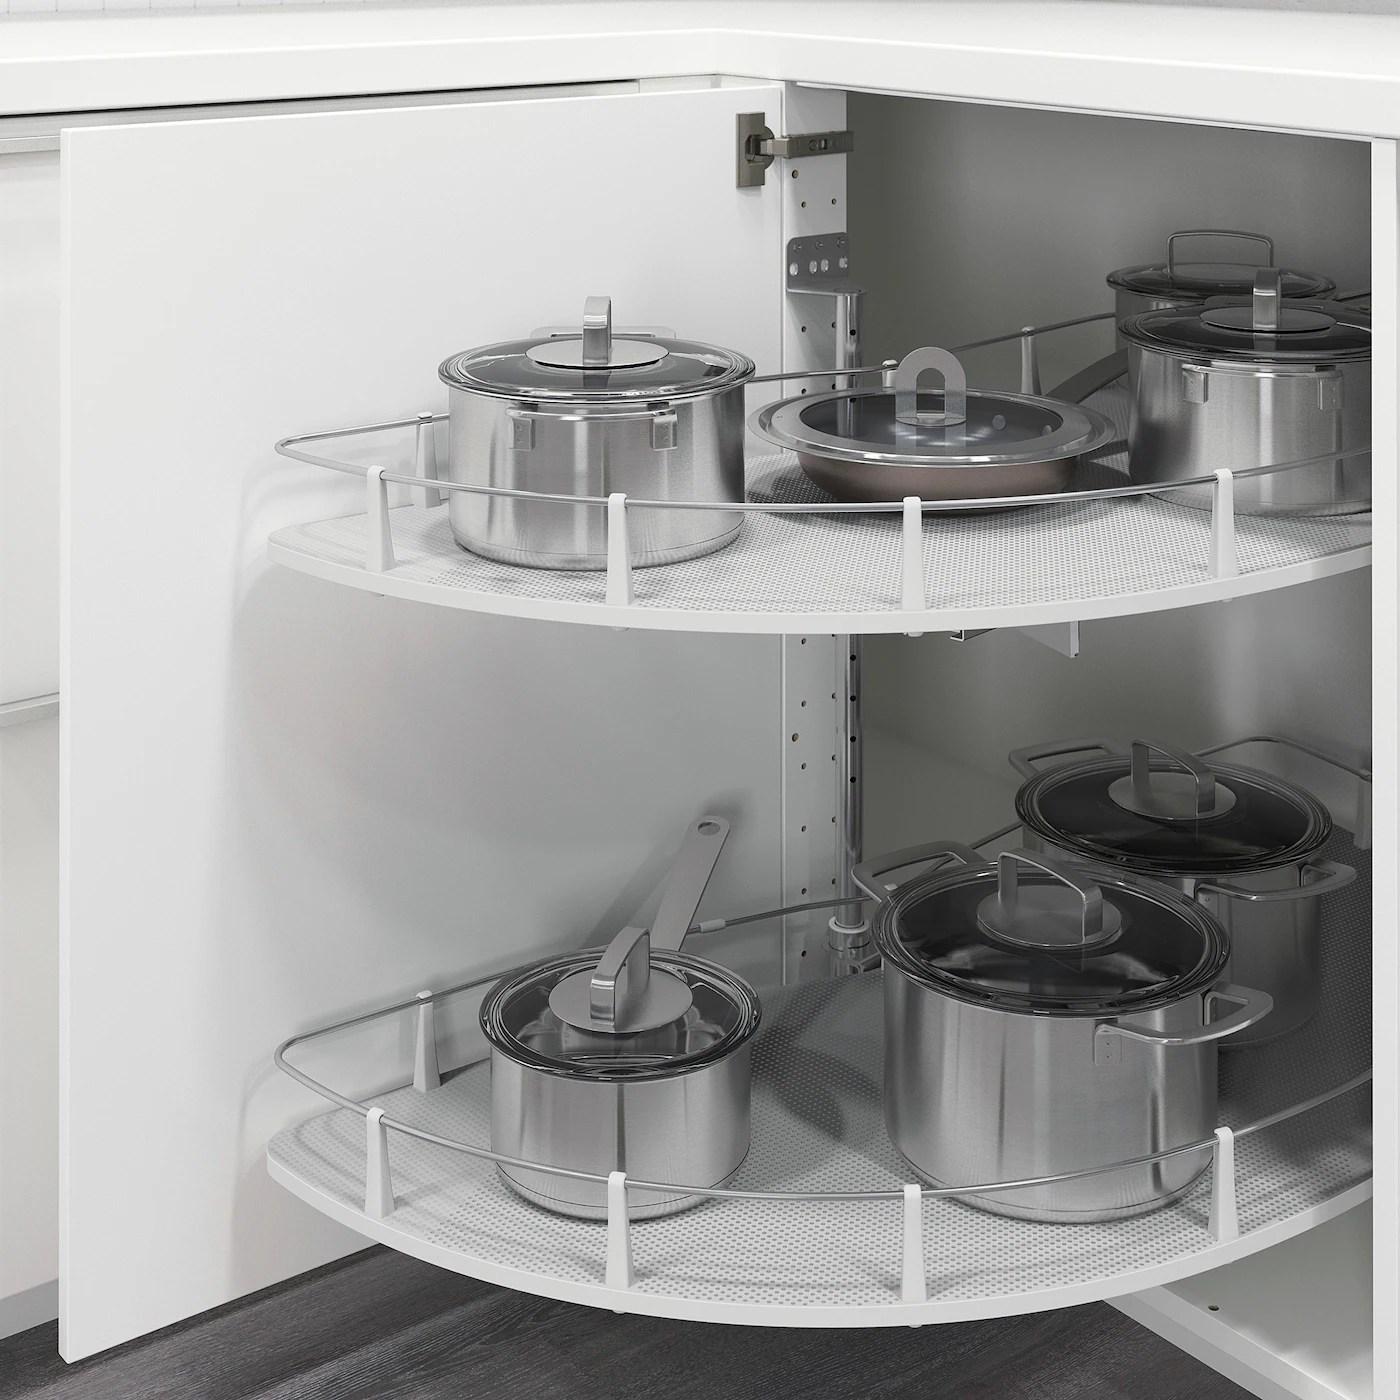 Accessori ed elementi per l'organizzazione interna delle cucine: Utrusta Accessori Estraibili Base Angolare Ikea It